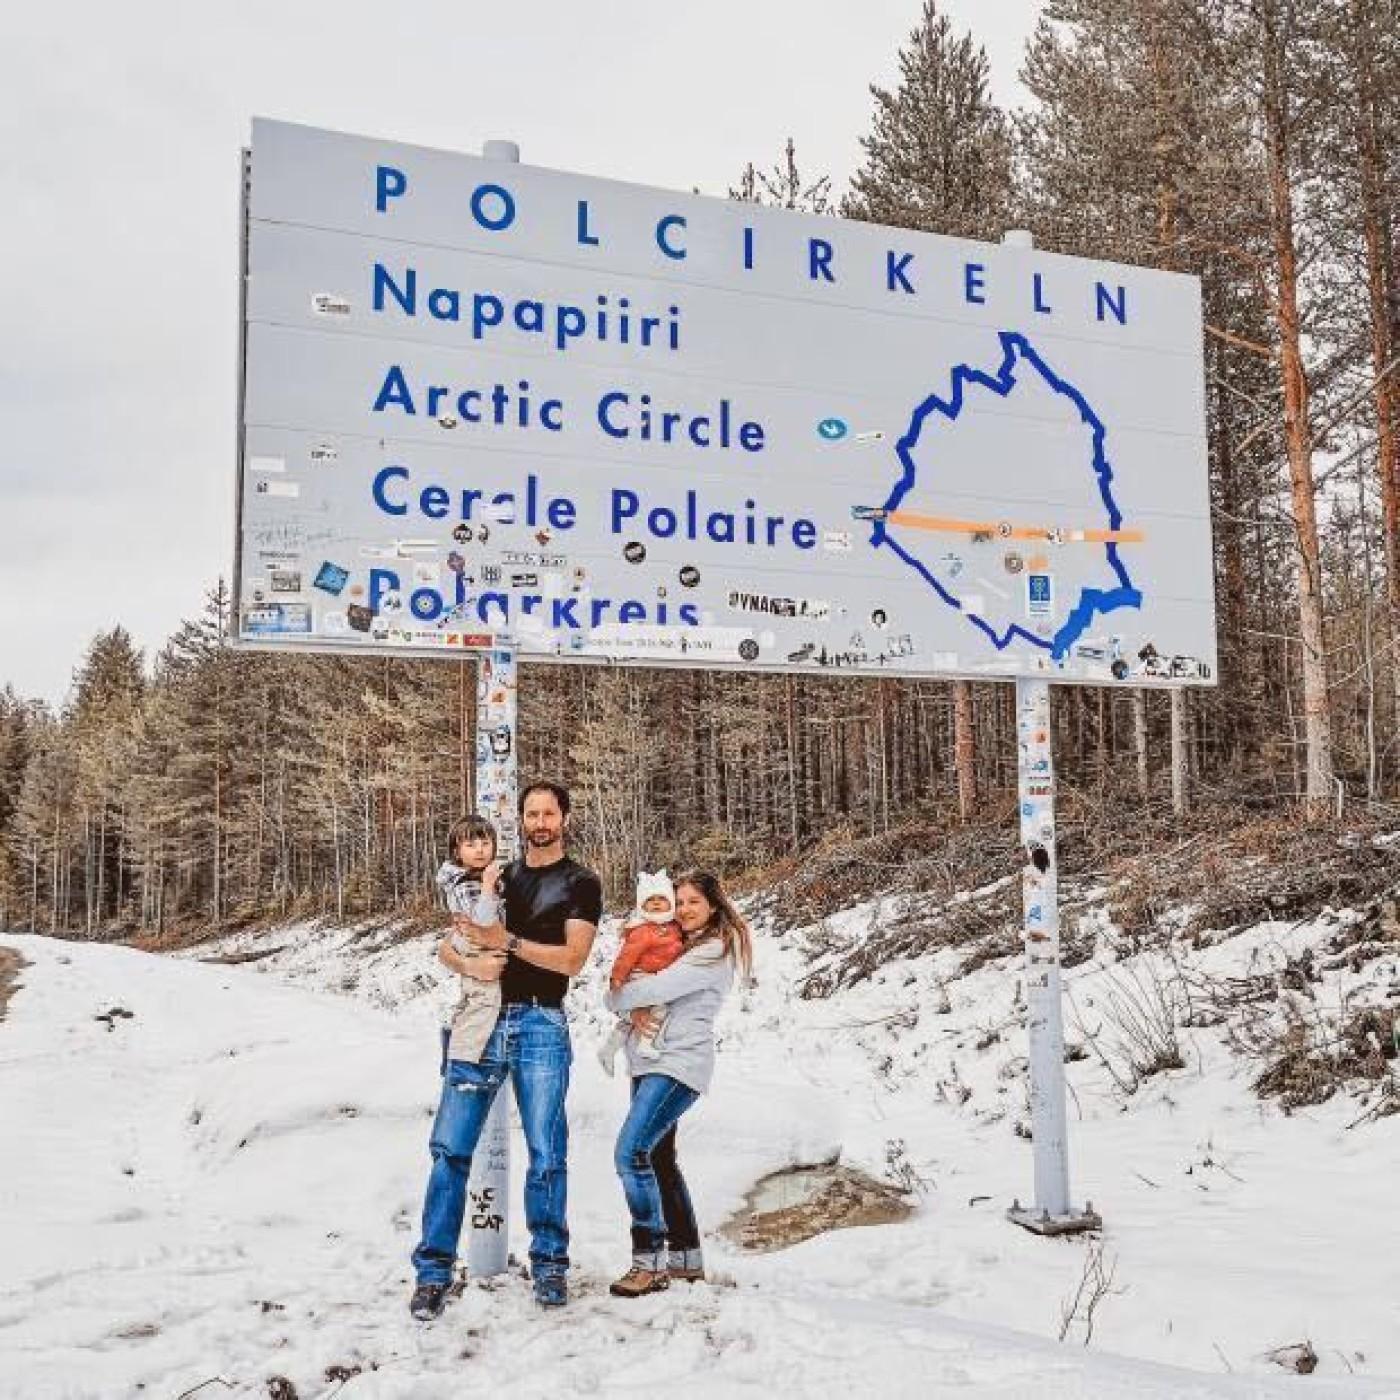 Coucou Les Filles #03 - Magali en Laponie - 14 01 2021 - StereoChic Radio